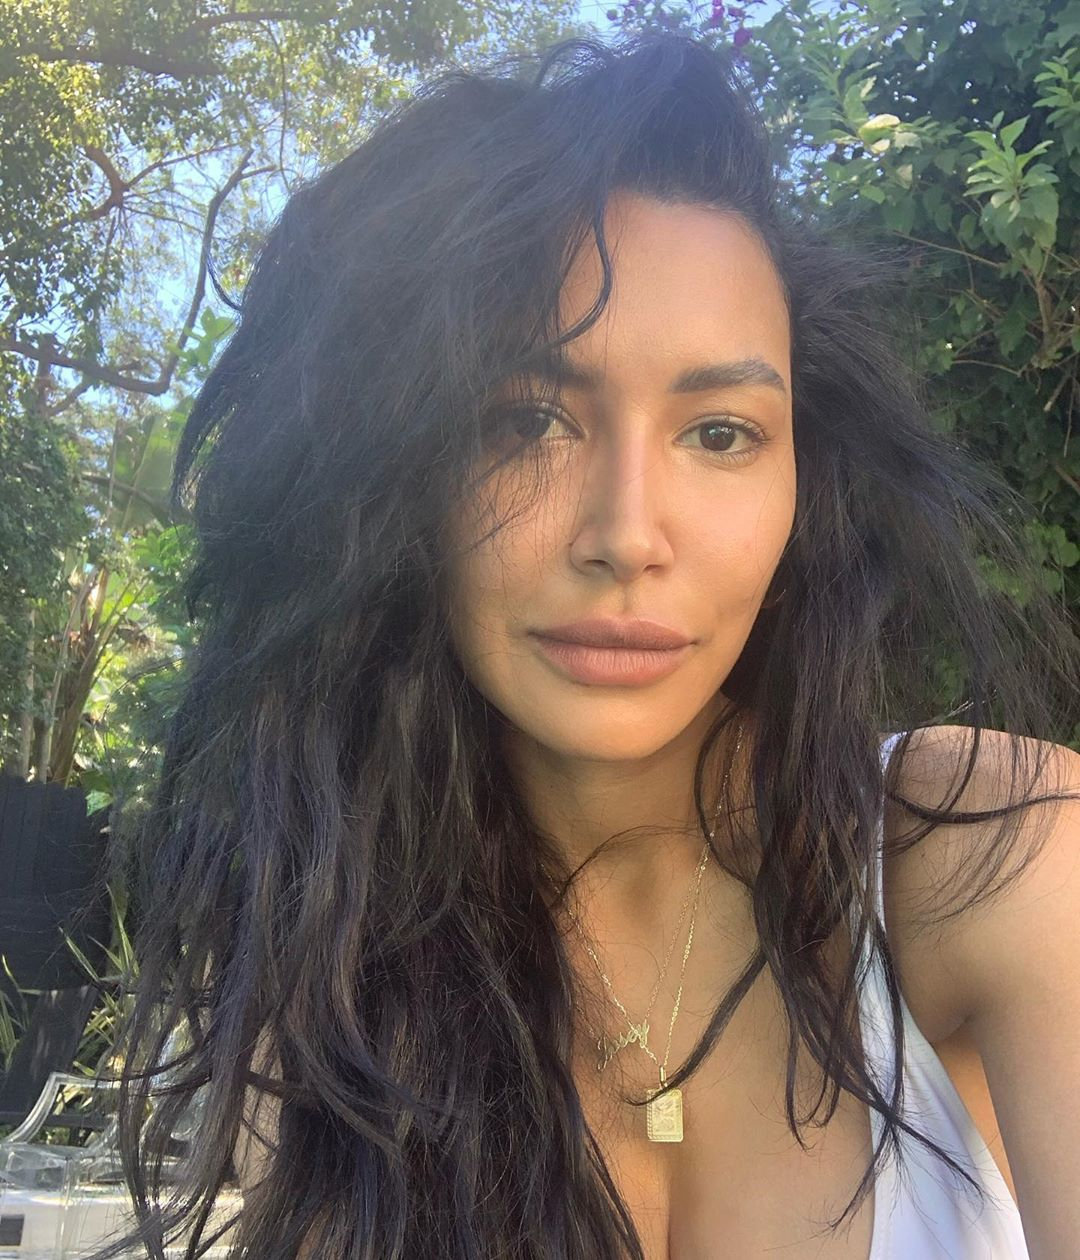 """La actriz de """"Glee"""", Naya Rivera, desaparecida en un lago de Los Ángeles tras paseo con su hijo"""